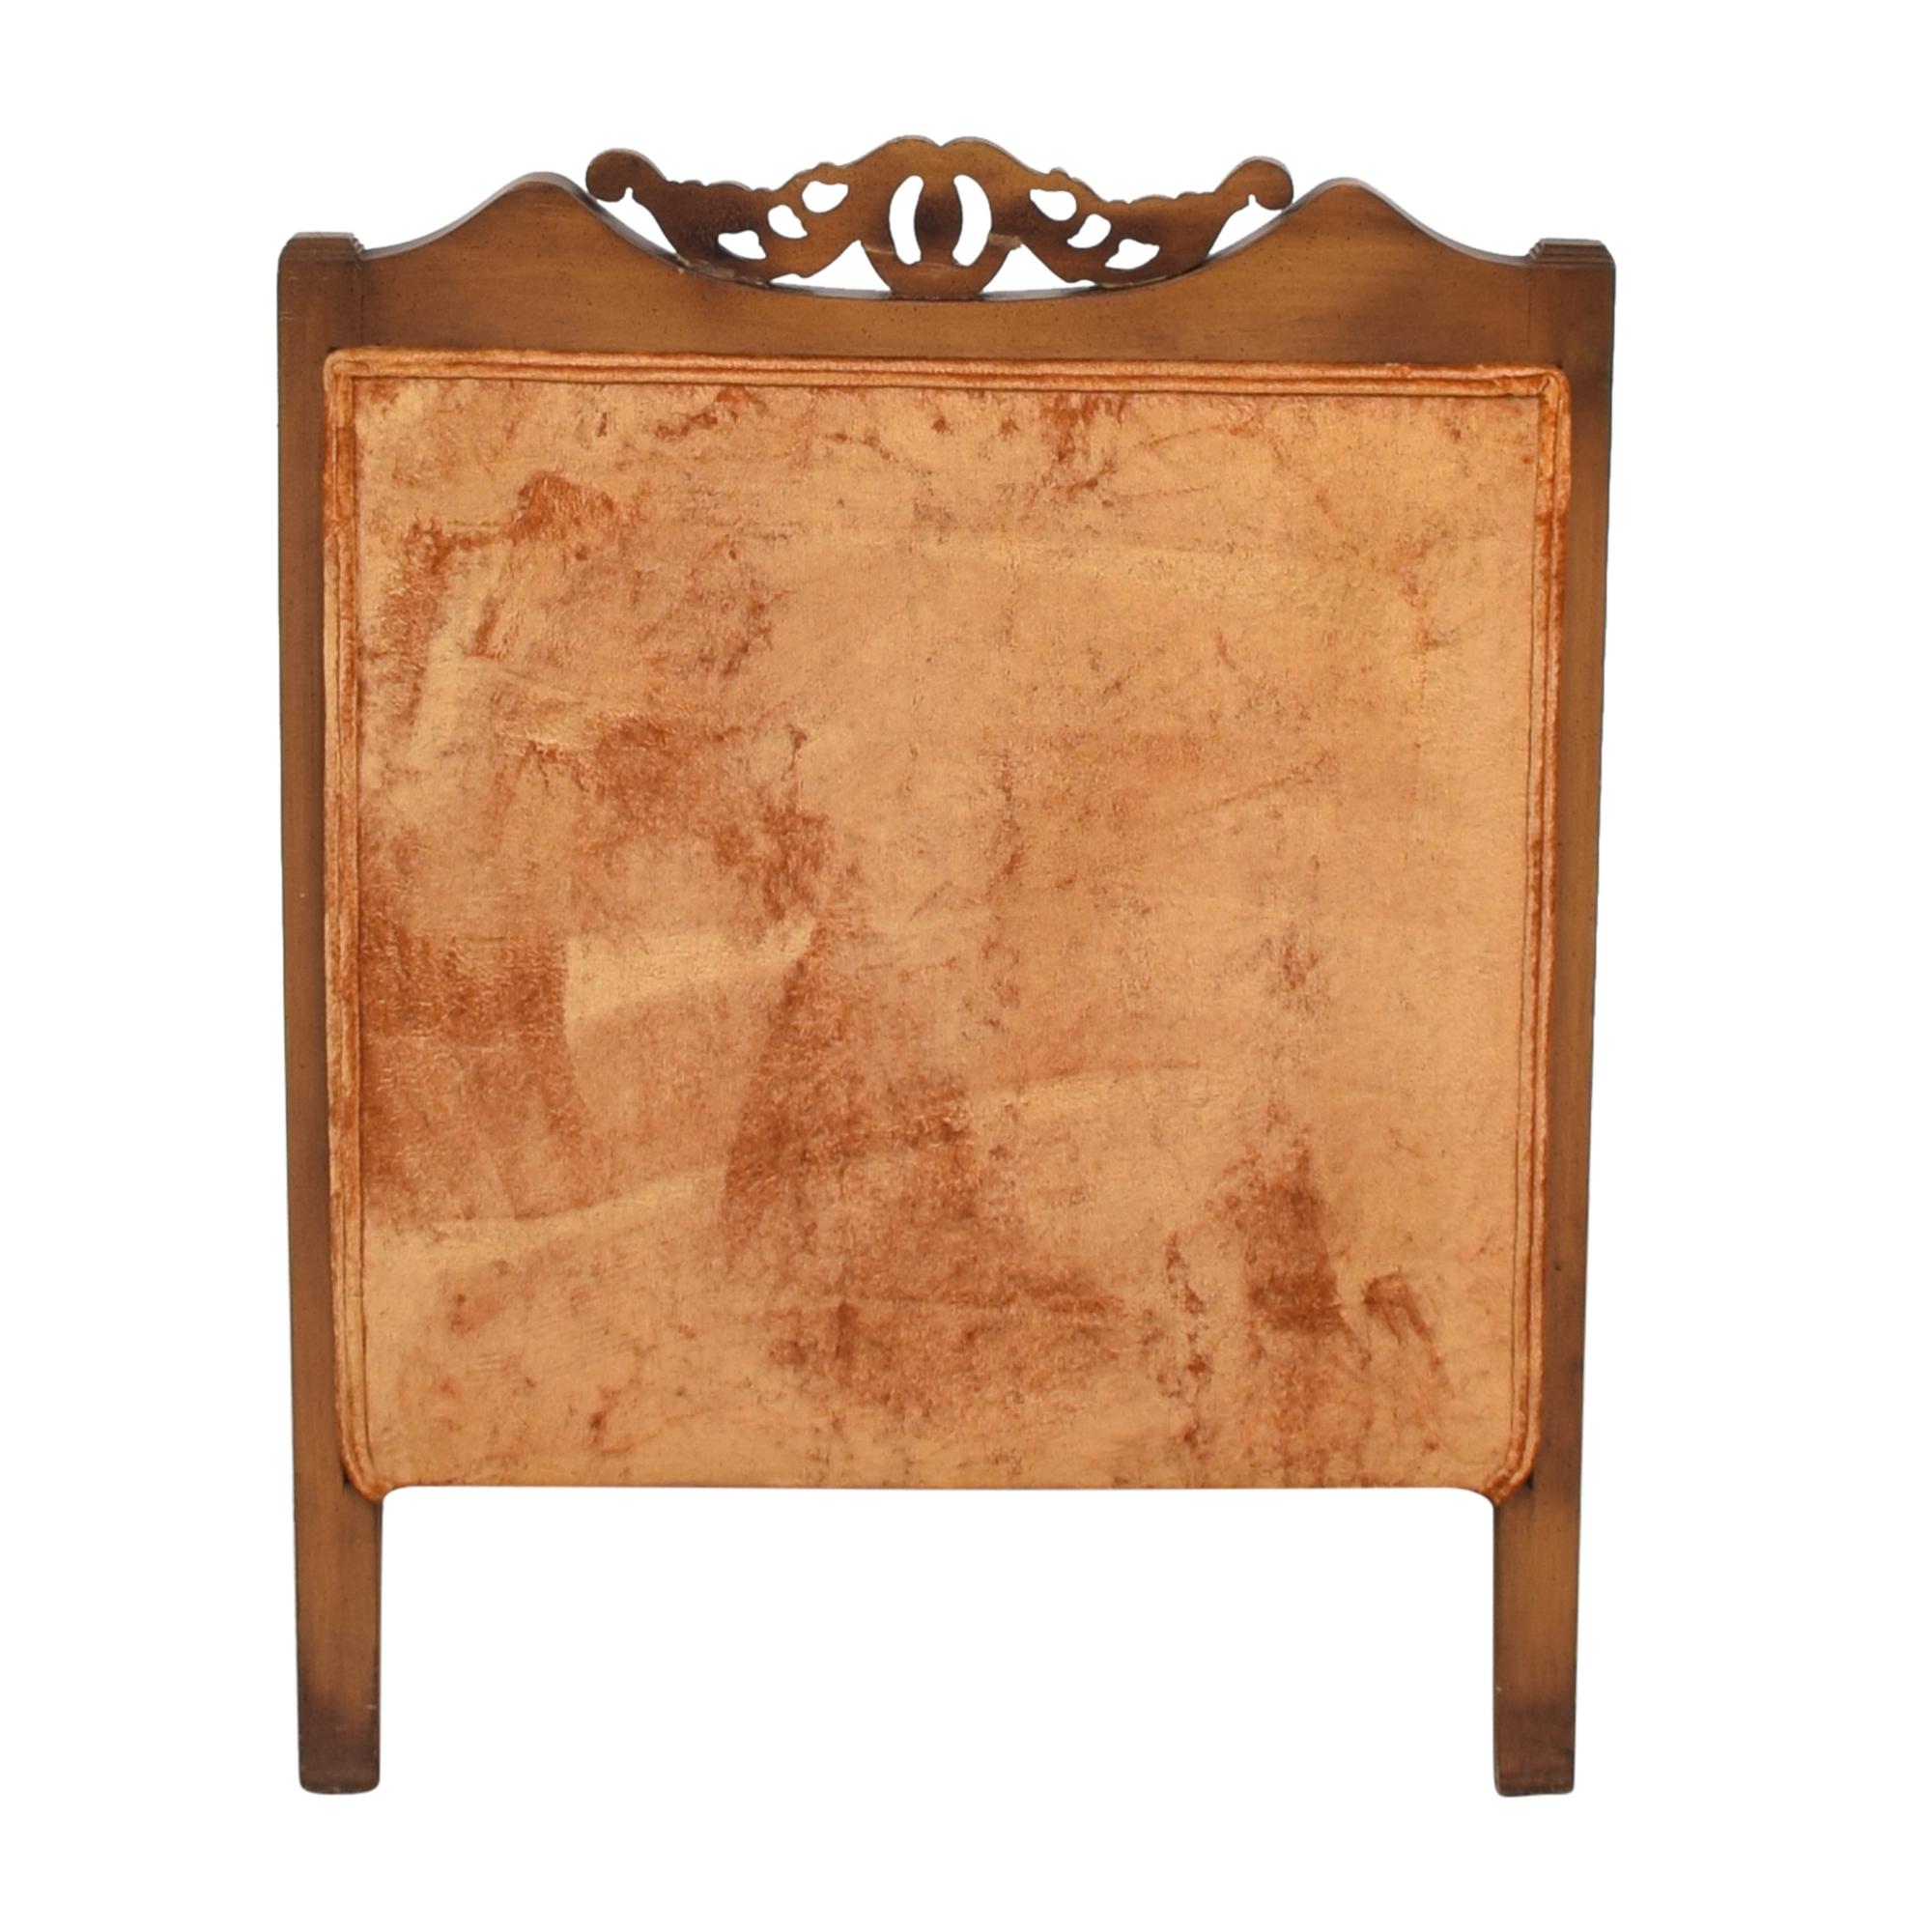 S Miller Vintage Upholstered Armchair S. Miller